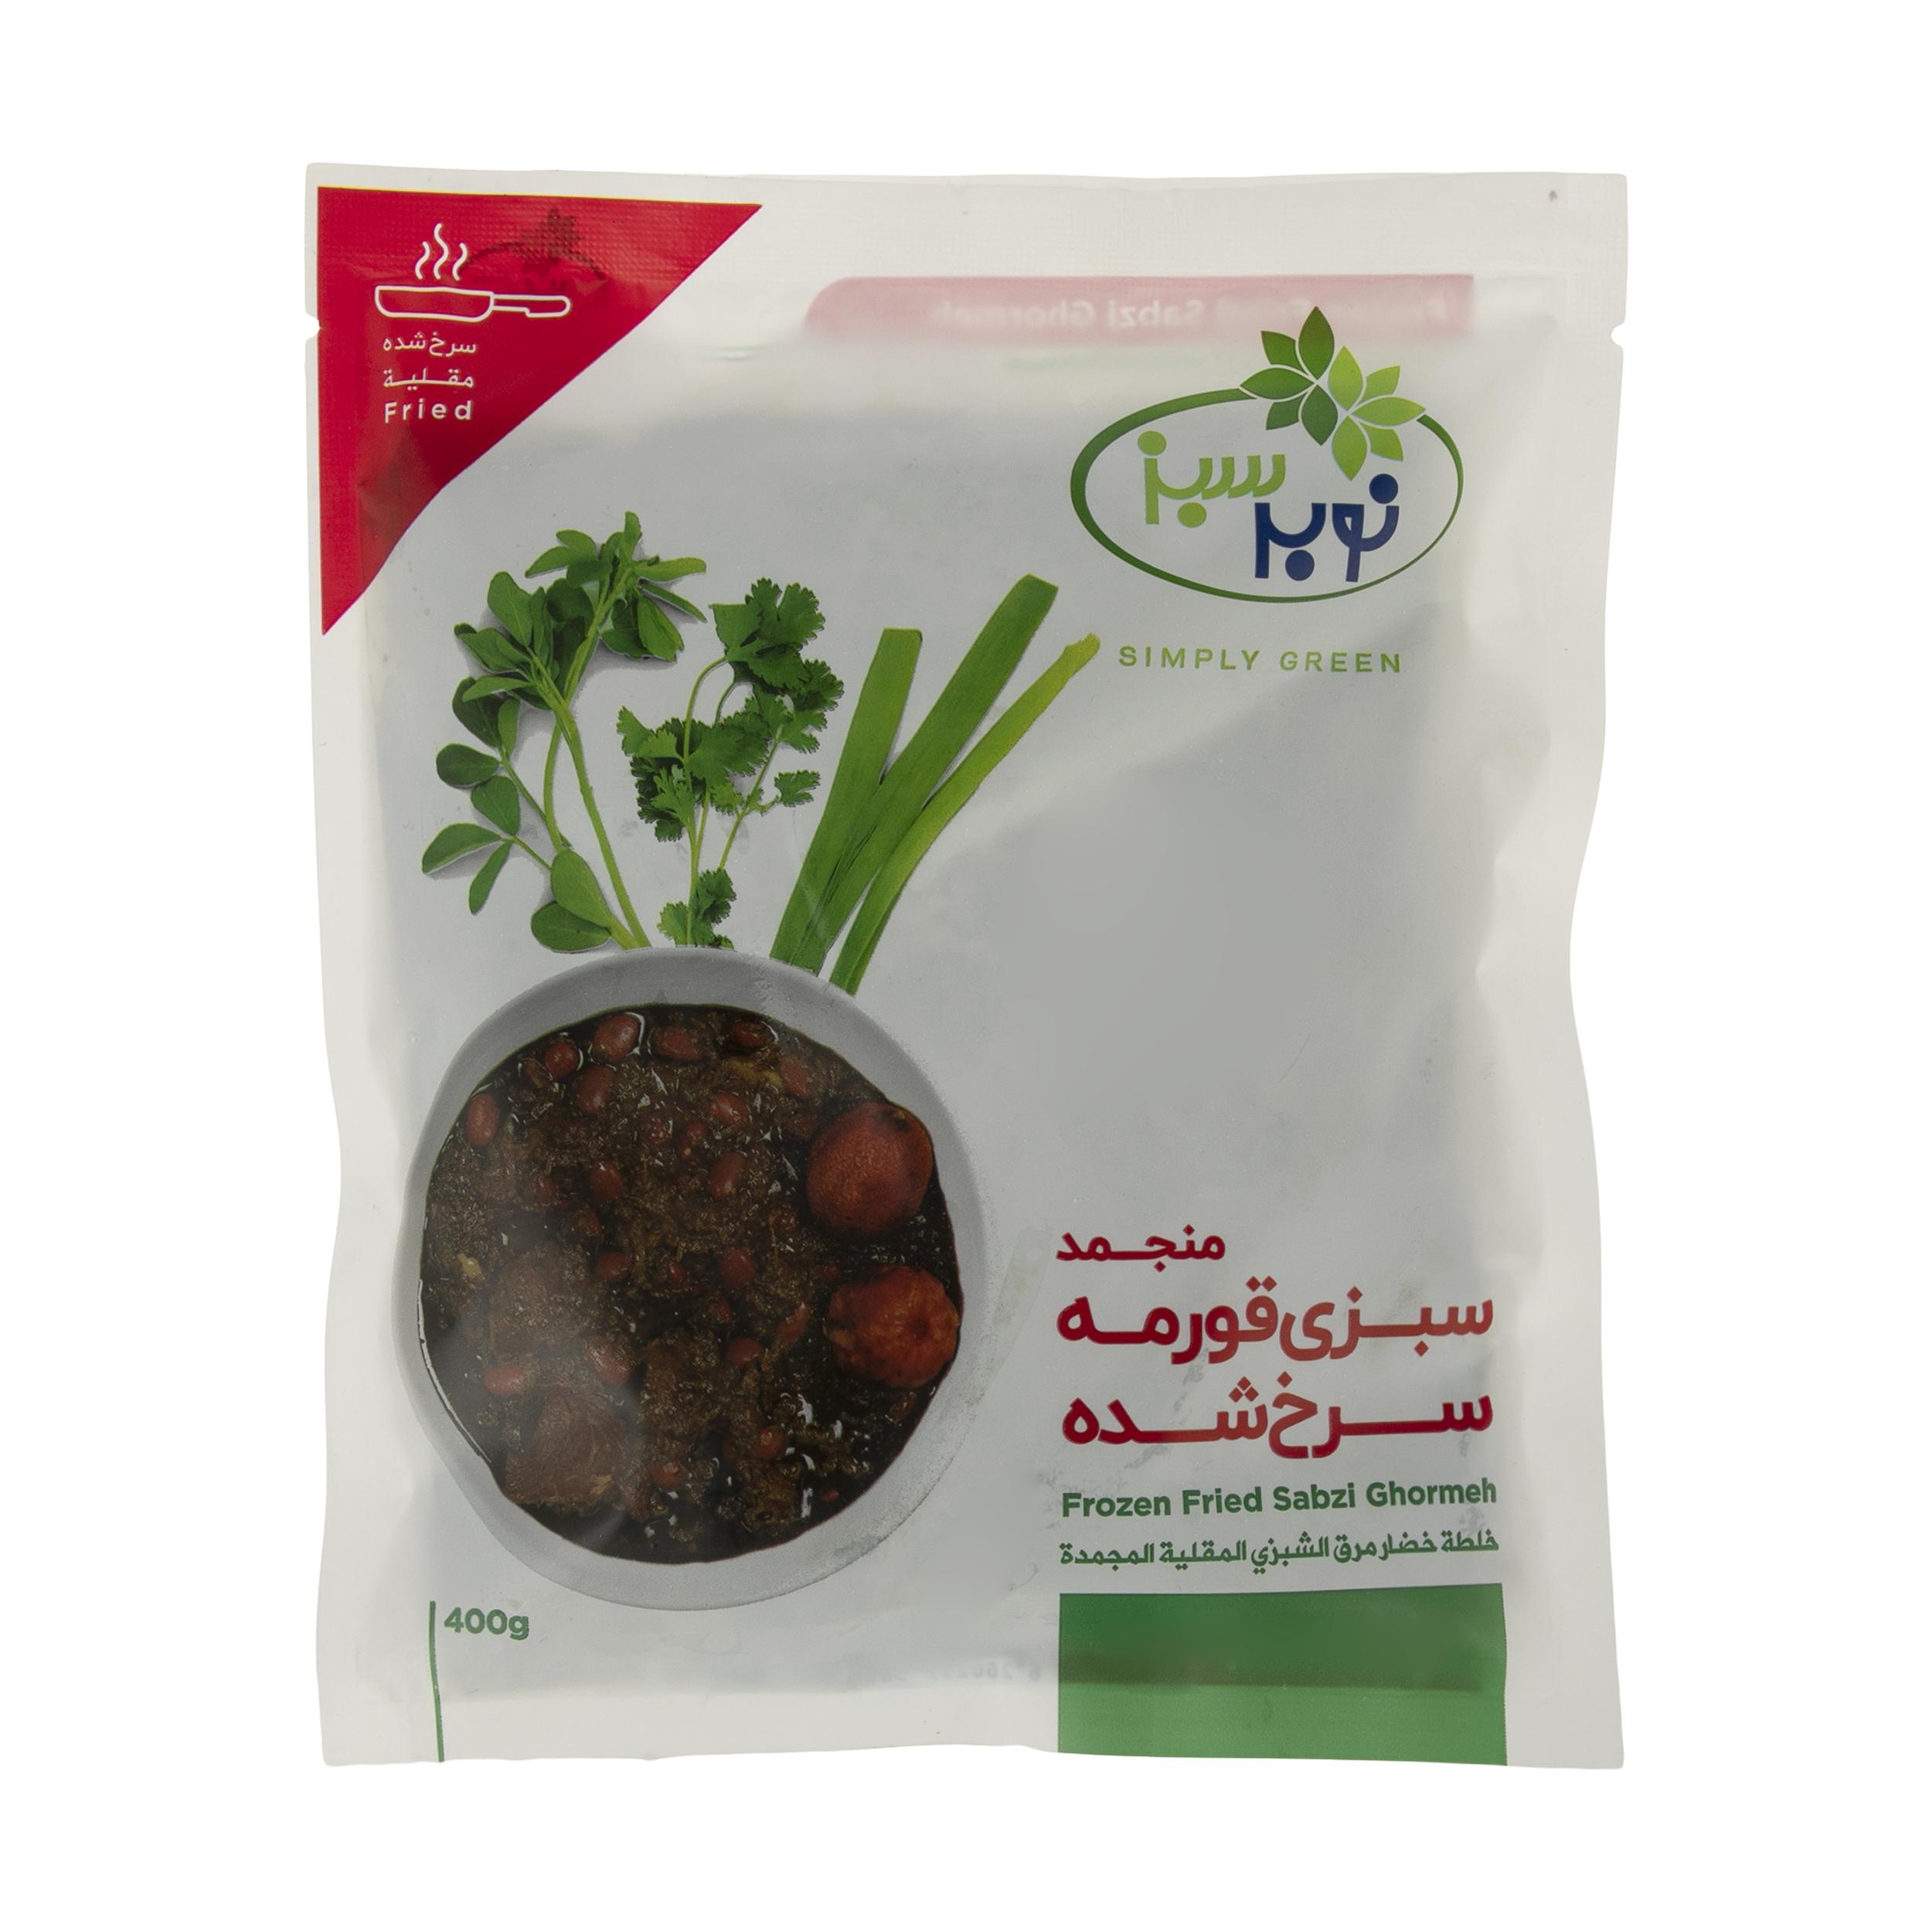 سبزی قورمه سرخ شده منجمد نوبر سبز مقدار 400 گرم thumb